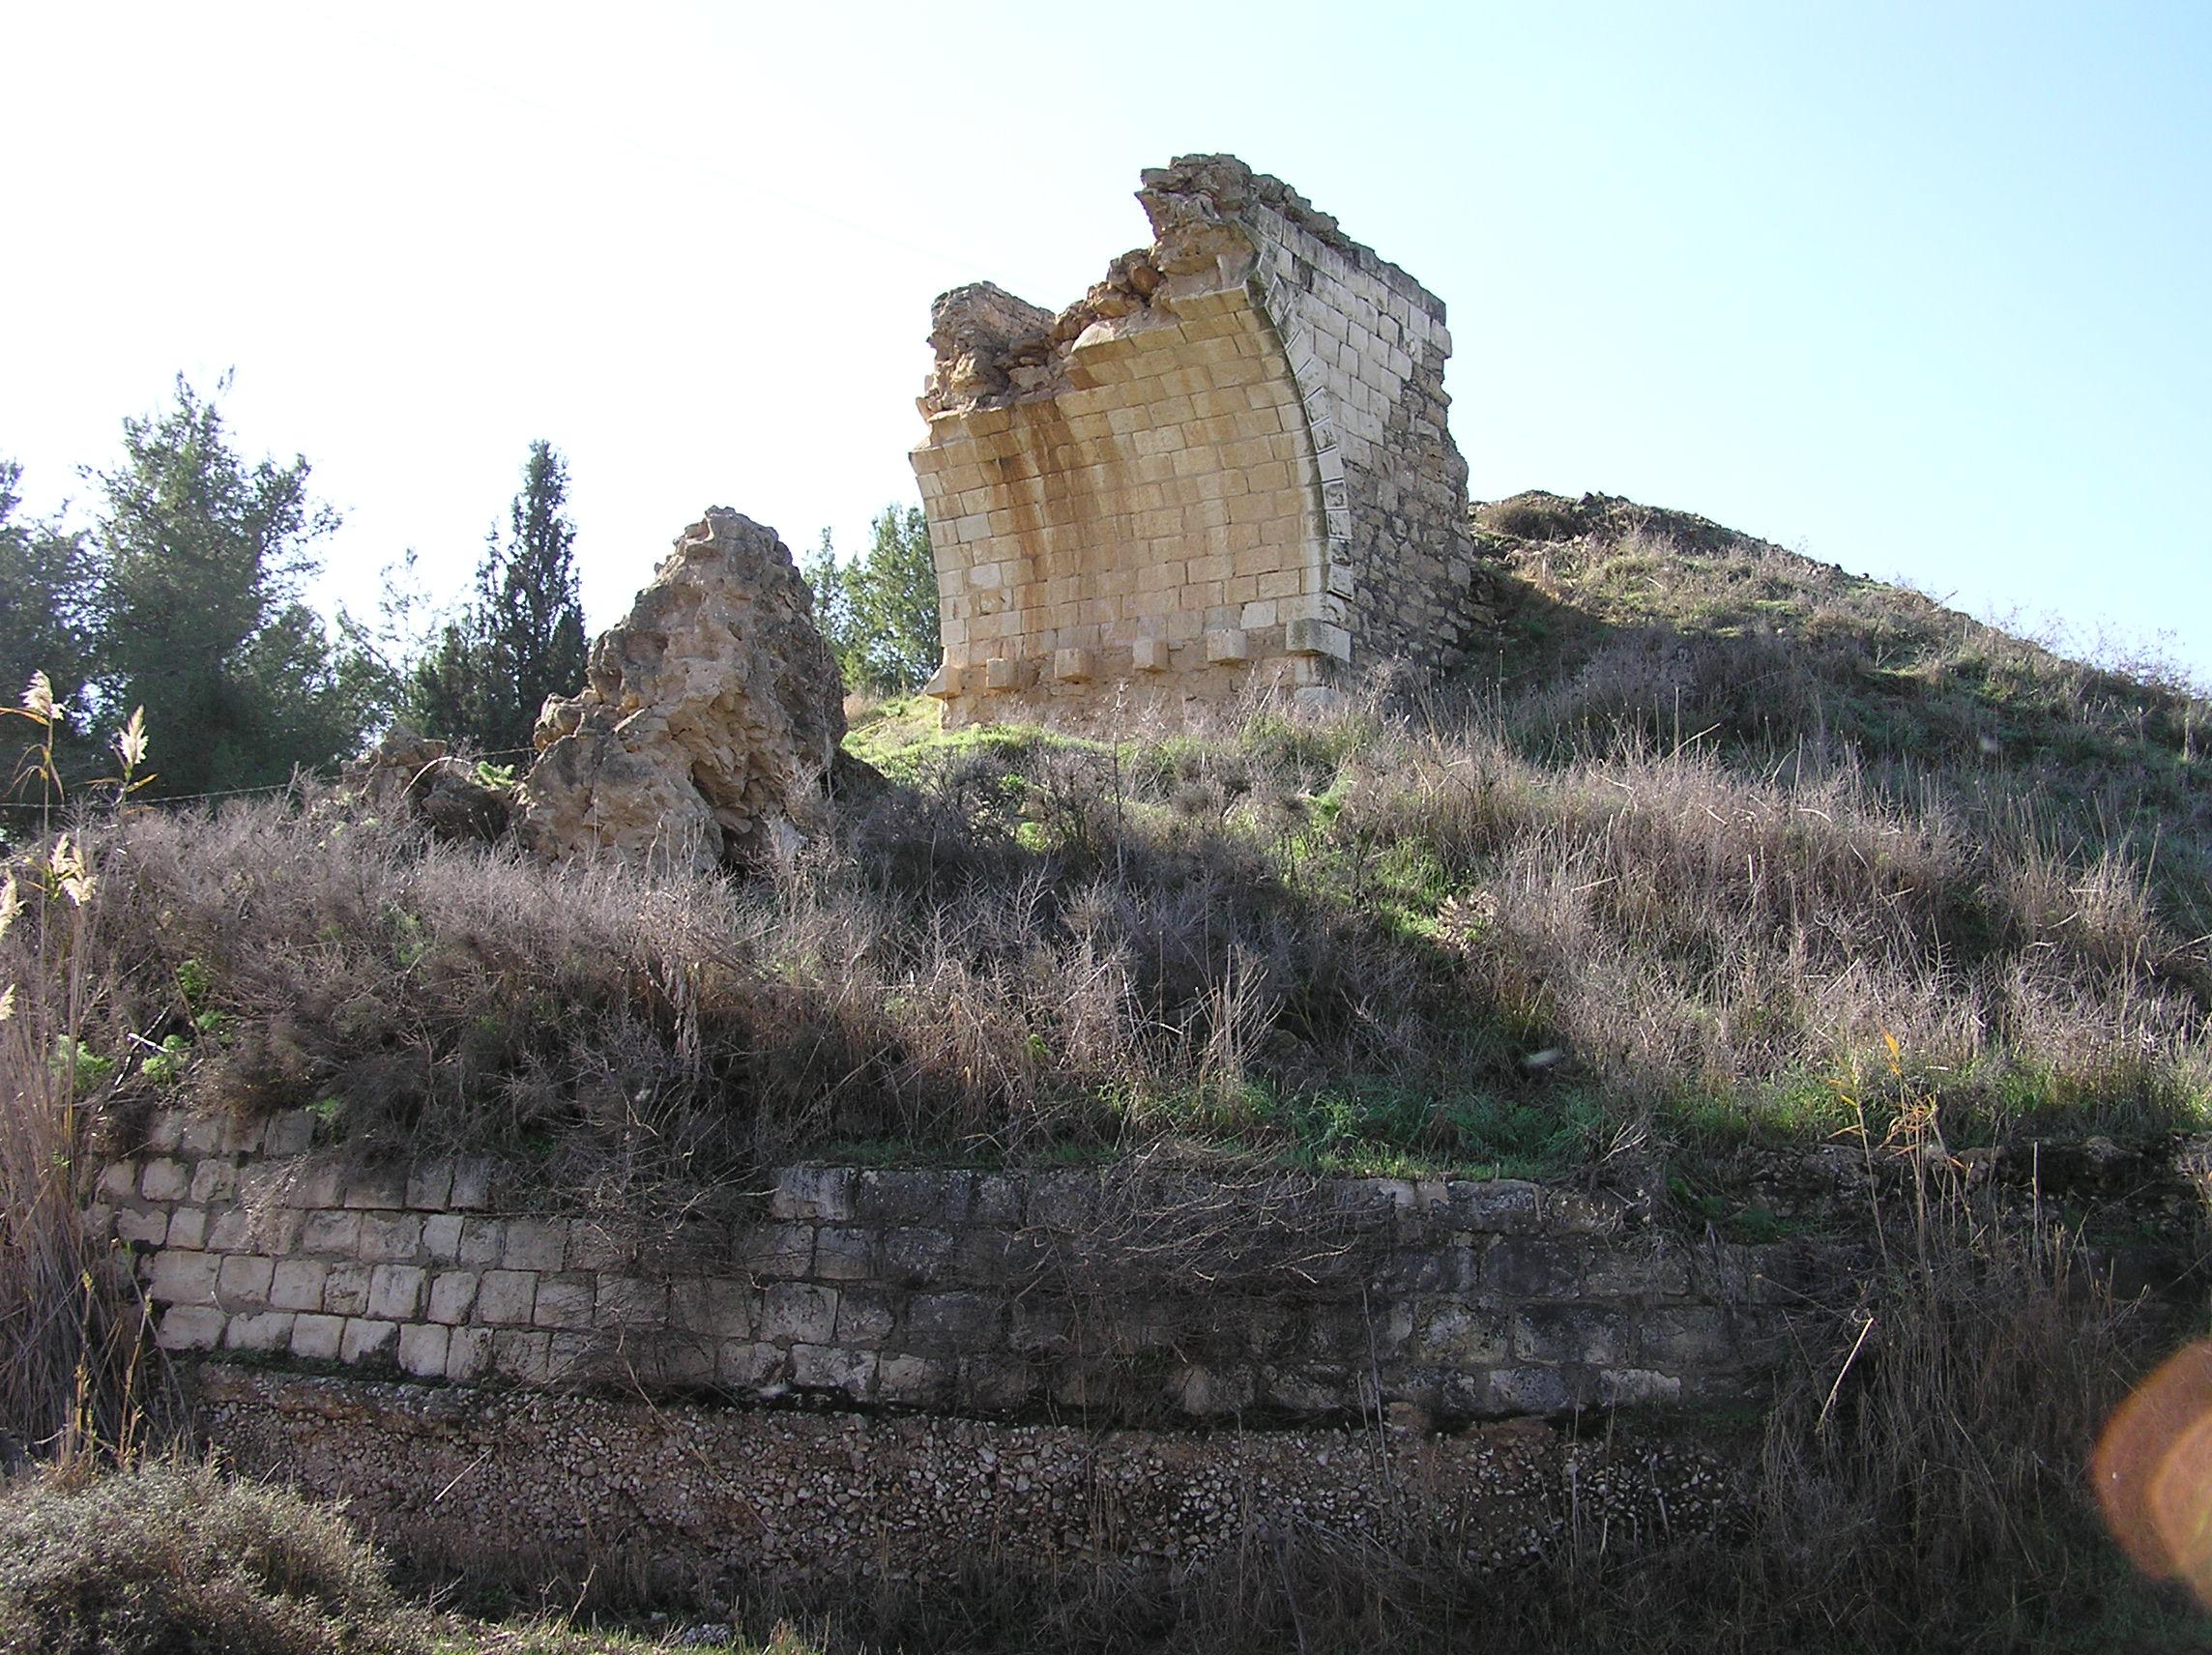 תל נגילה / תצפית נוף והיסטוריה / הגשר התורכי